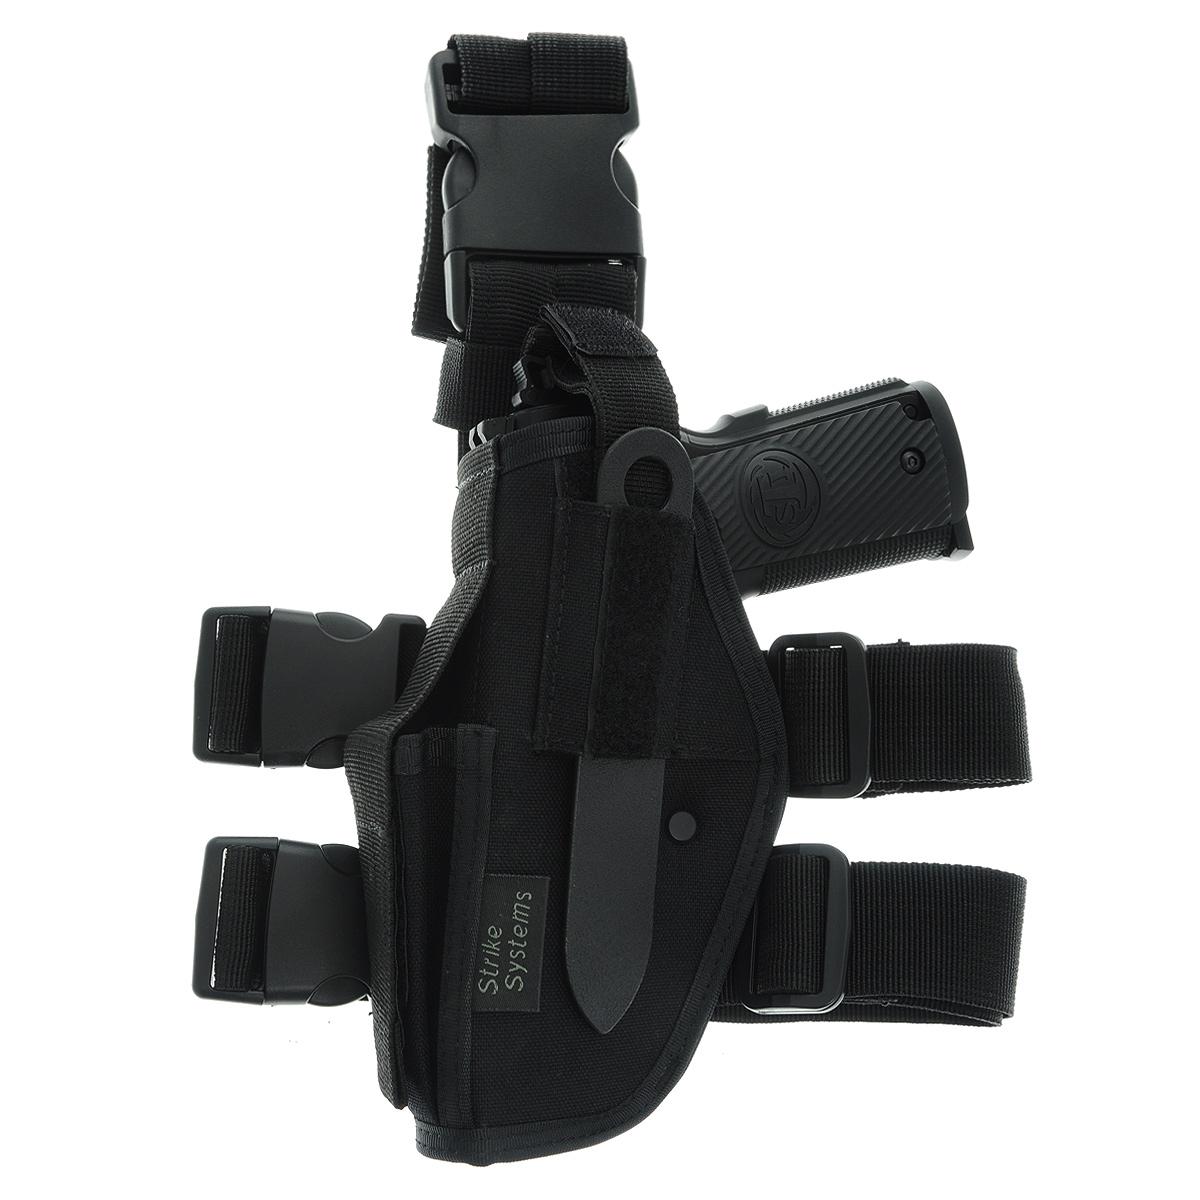 Кобура ASG набедренная для левши для M92, G17/18, STI, CZ, Steyr, Bersa, цвет: Black (17320)23416Кобура набедренная для пневматических и страйкбольных пистолетов серий M92, G17/18, STI, CZ, Steyr, Bersa (полноразмерные и среднеразмерные - Full Frame и Mid Frame) с подсумком для запасного магазина.Для левшей.Предназначена для ношения в тире и на полигоне. Показанные на фото оружие и аксессуары в комплект не входят. Не рассчитана на использование с боевым оружием.Регулируется по высоте.Застежка-фастекс для быстрого снятия.Два эластичных ремня с застежками для бедра.В комплекте приспособление для удобной регулировки.Двойные швы.Из износостойкого и влагостойкого нейлона.Возвраттоваравозможен только при наличии заключения сервисного центра.Время работы сервисного центра: Пн-чт: 10.00-18.00 Пт: 10.00- 17.00Сб, Вс: выходные дниАдрес: ООО ГАТО, 121471, г.Москва,ул.ПетраАлексеева,д12., тел. (495)232-4670, gato@gato.ruХарактеристики: Материал: нейлон, пластик. Размер кобуры (без креплений): 19 см х 11 см х 5 см. Размер упаковки: 36 см х 25 см х 9 см. Артикул: 17320.Уважаемые покупатели, обращаем Ваше внимание что авиадоставка в нижеперечисленные города этого товара временно недоступна! 1. Ангарск 2. Благовещенск 3. Бодайбо 4. Братск 5. Владивосток 6. Воркута 7. Иркутск 8. Калининград 9. Надым 10. Нарьян-Мар 11. Находка 12. Норильск 13. Петропавловск-Камчатский 14. Салехард 15. Улан-Удэ 16. Уссурийск 17. Ухта 18. Хабаровск 19. Чита 20. Энергетик 21. Южно-Сахалинск 22. Якутск